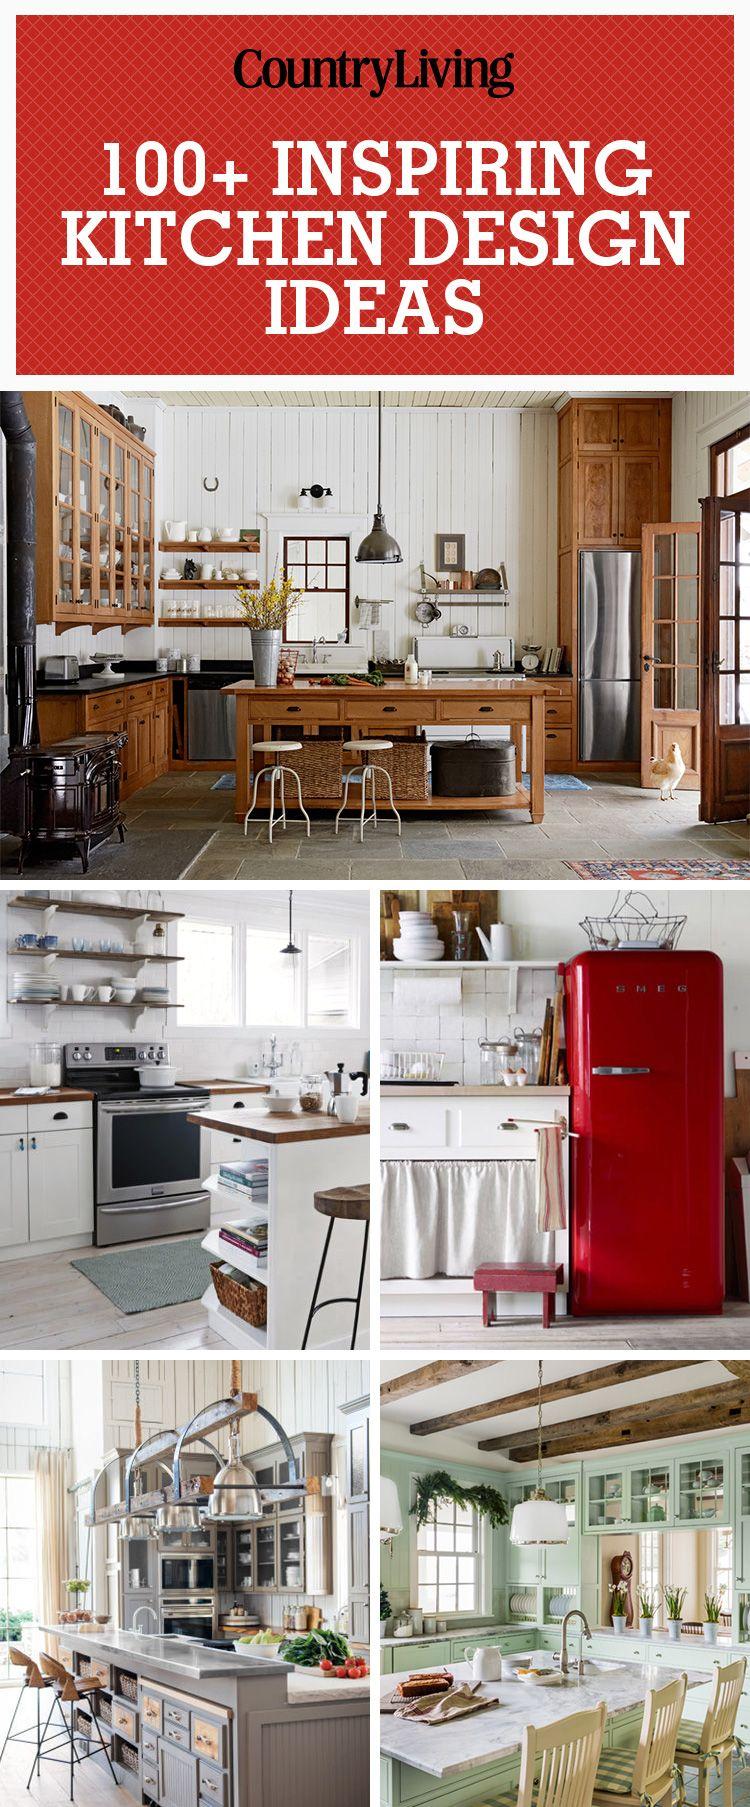 Fullsize Of Ideas For Kitchen Design